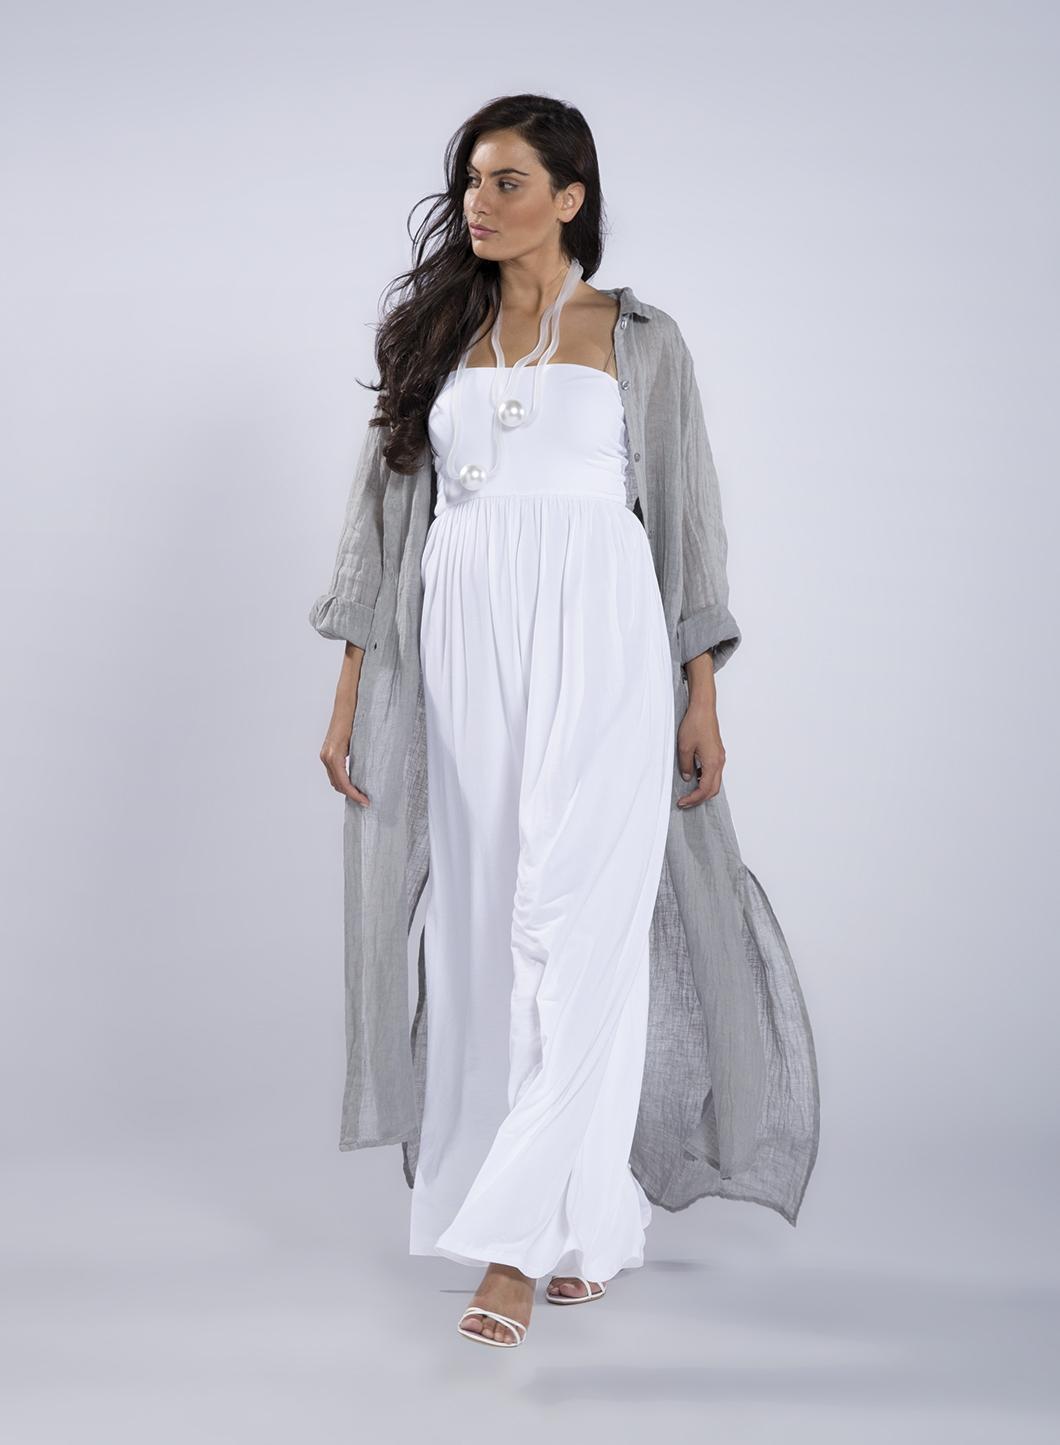 f2232eb4eefa Φόρεμα Σεμιζιέ Summer μακρύ μανίκι 100%